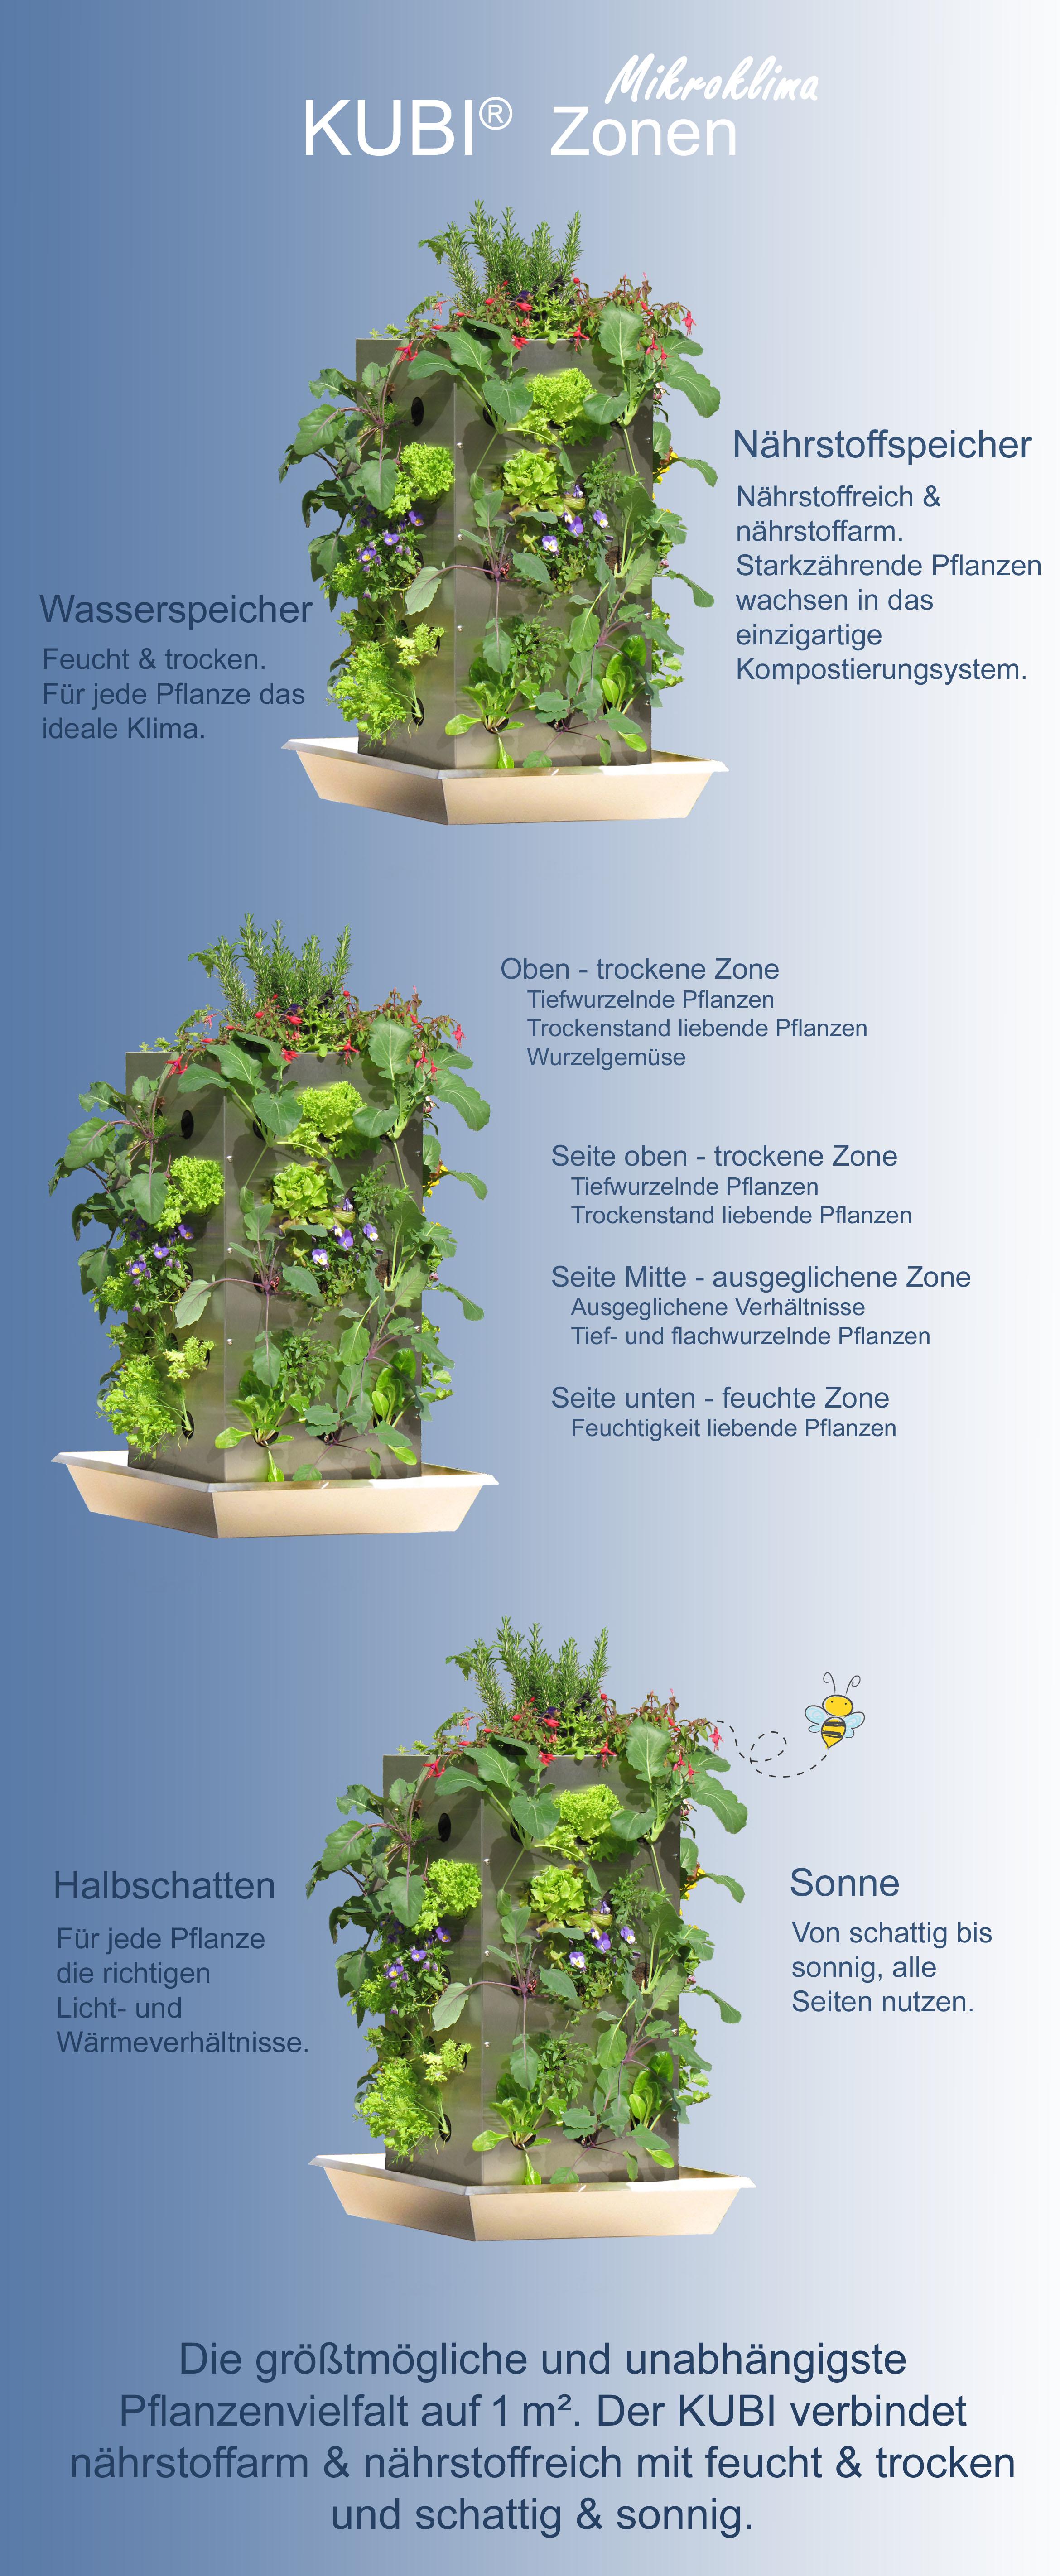 KUBI Mikroklima Zonen (4)